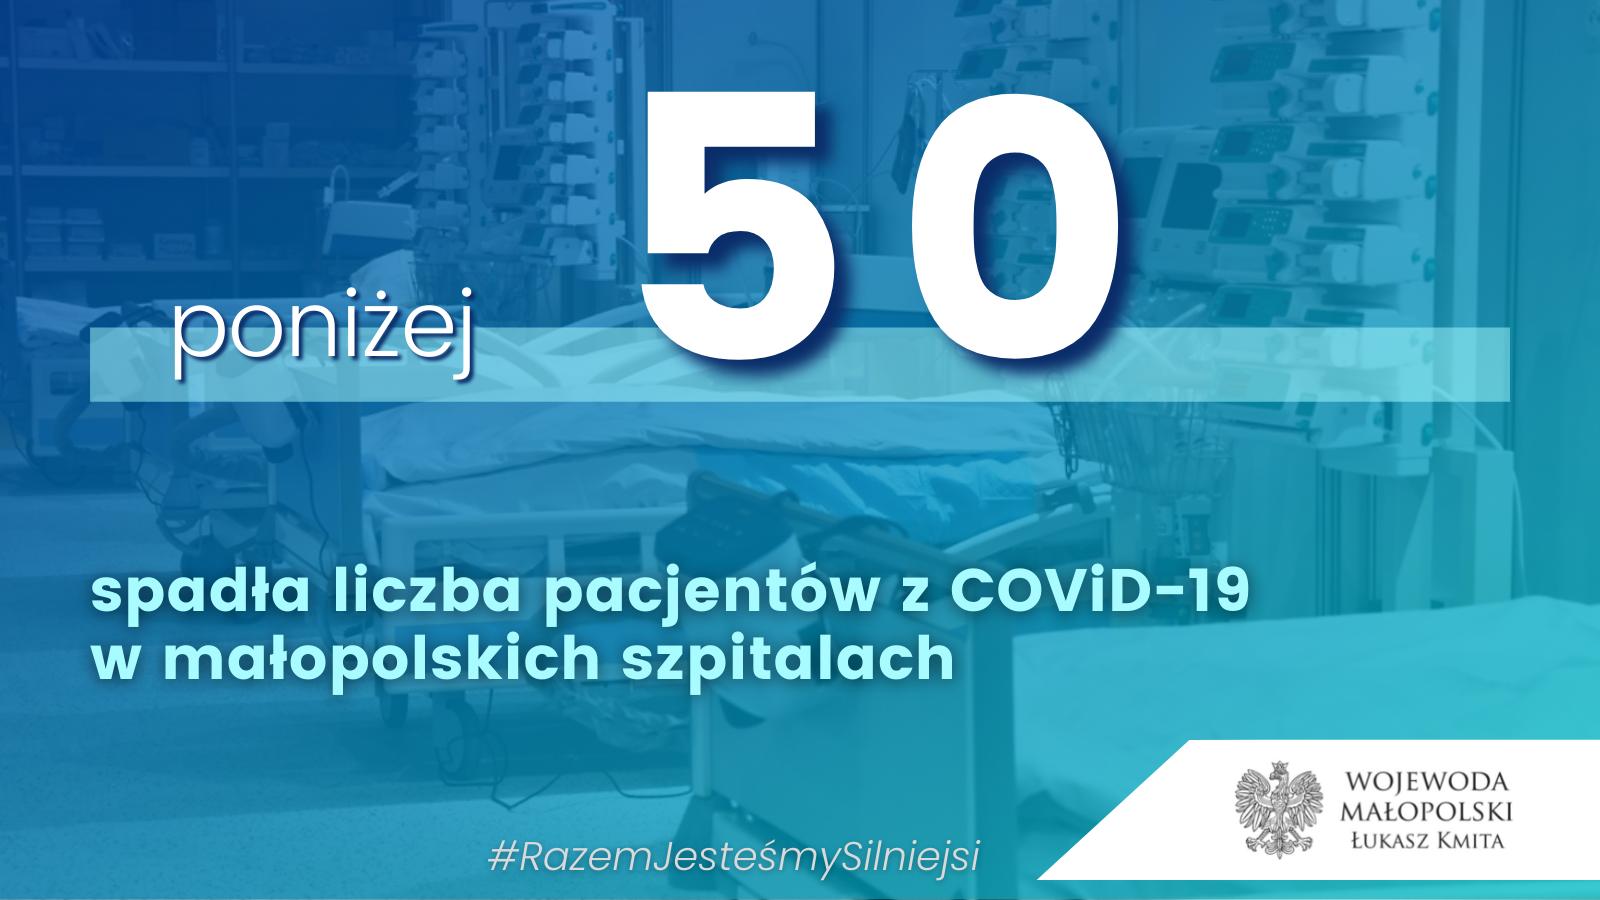 Poniżej pięćdziesięciu pacjentów z COVID-19